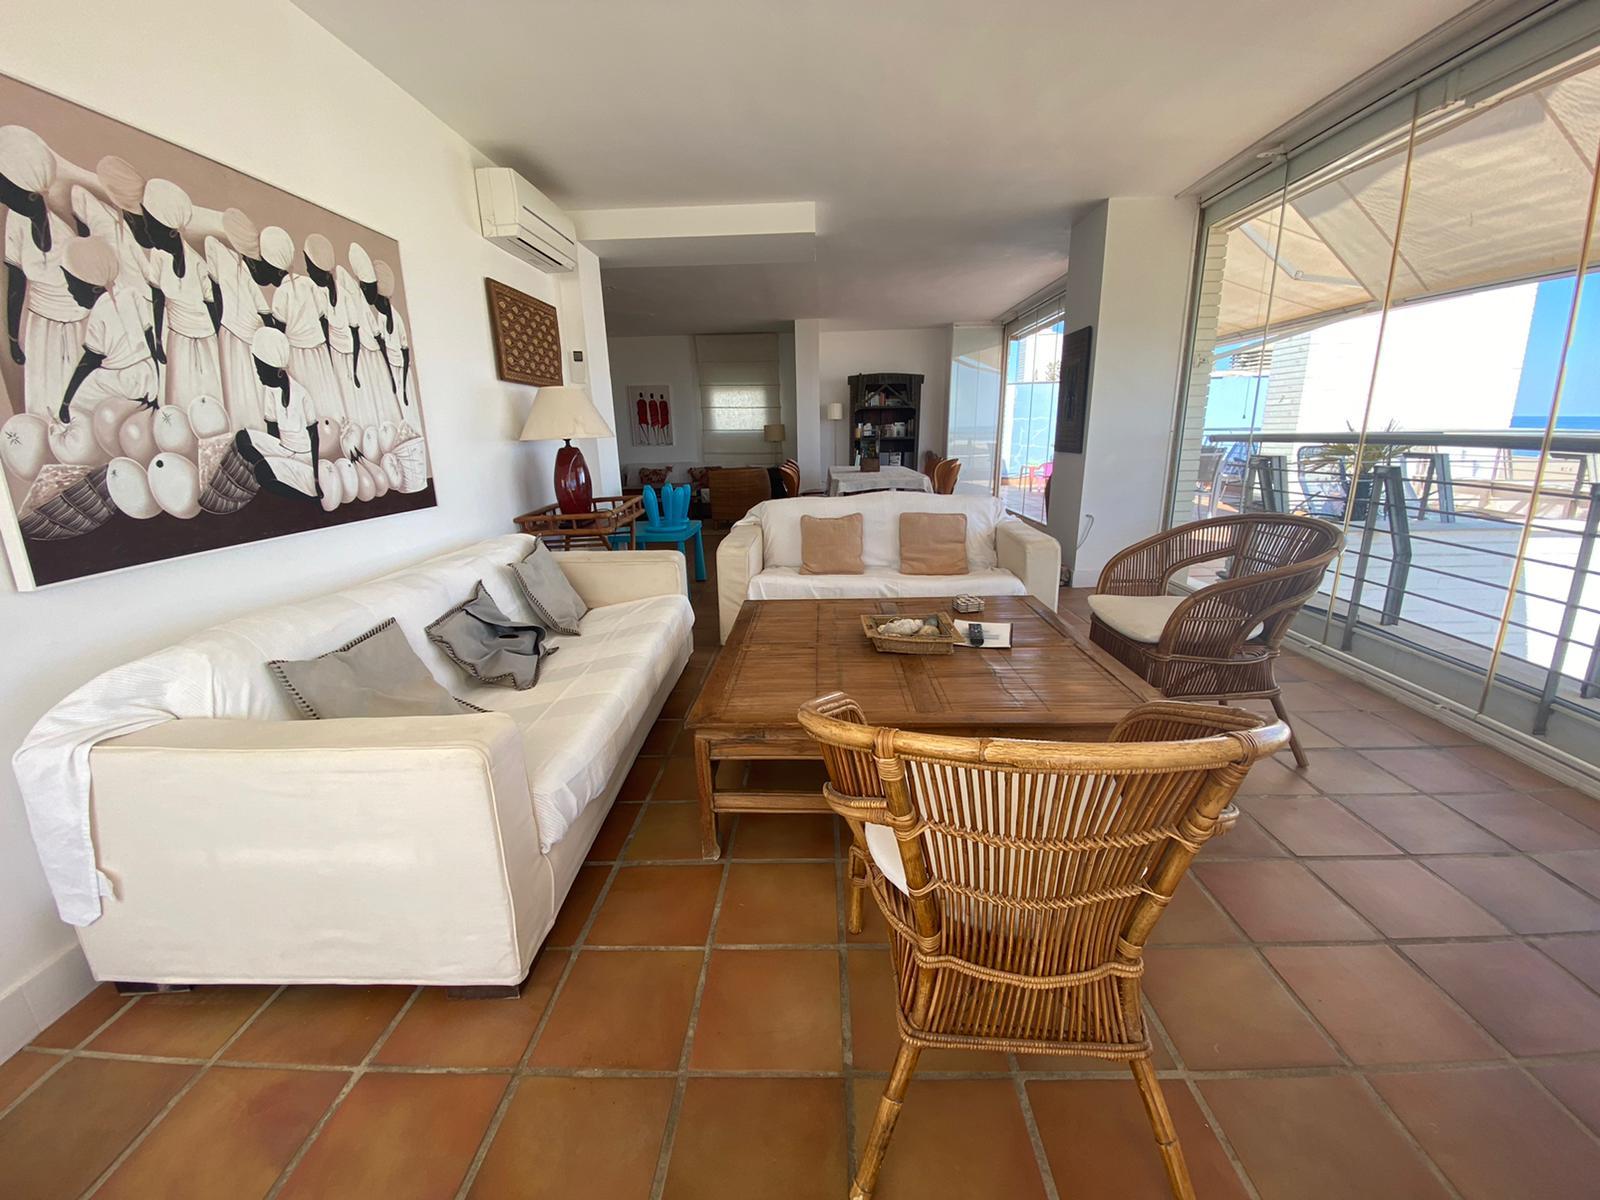 Imagen 14 del Apartamento Turístico, Ático 3 Levante, Frontal (4d+2b), Punta del Moral (HUELVA), Paseo de la Cruz nº22